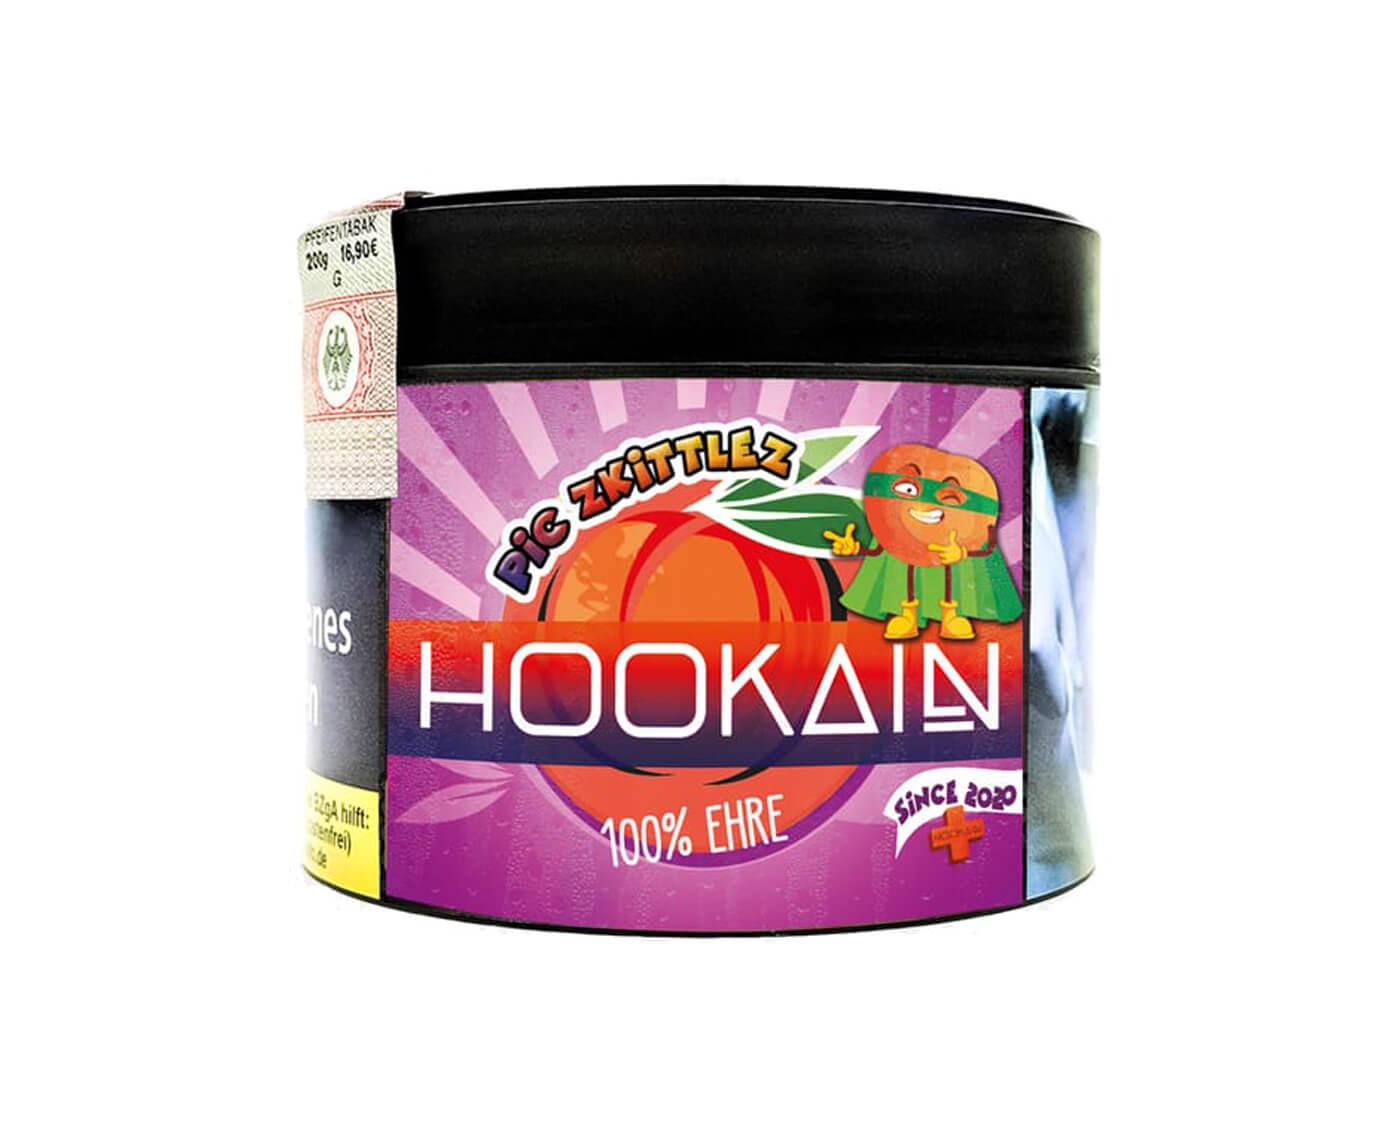 Hookain Pic Zkittlez 200g